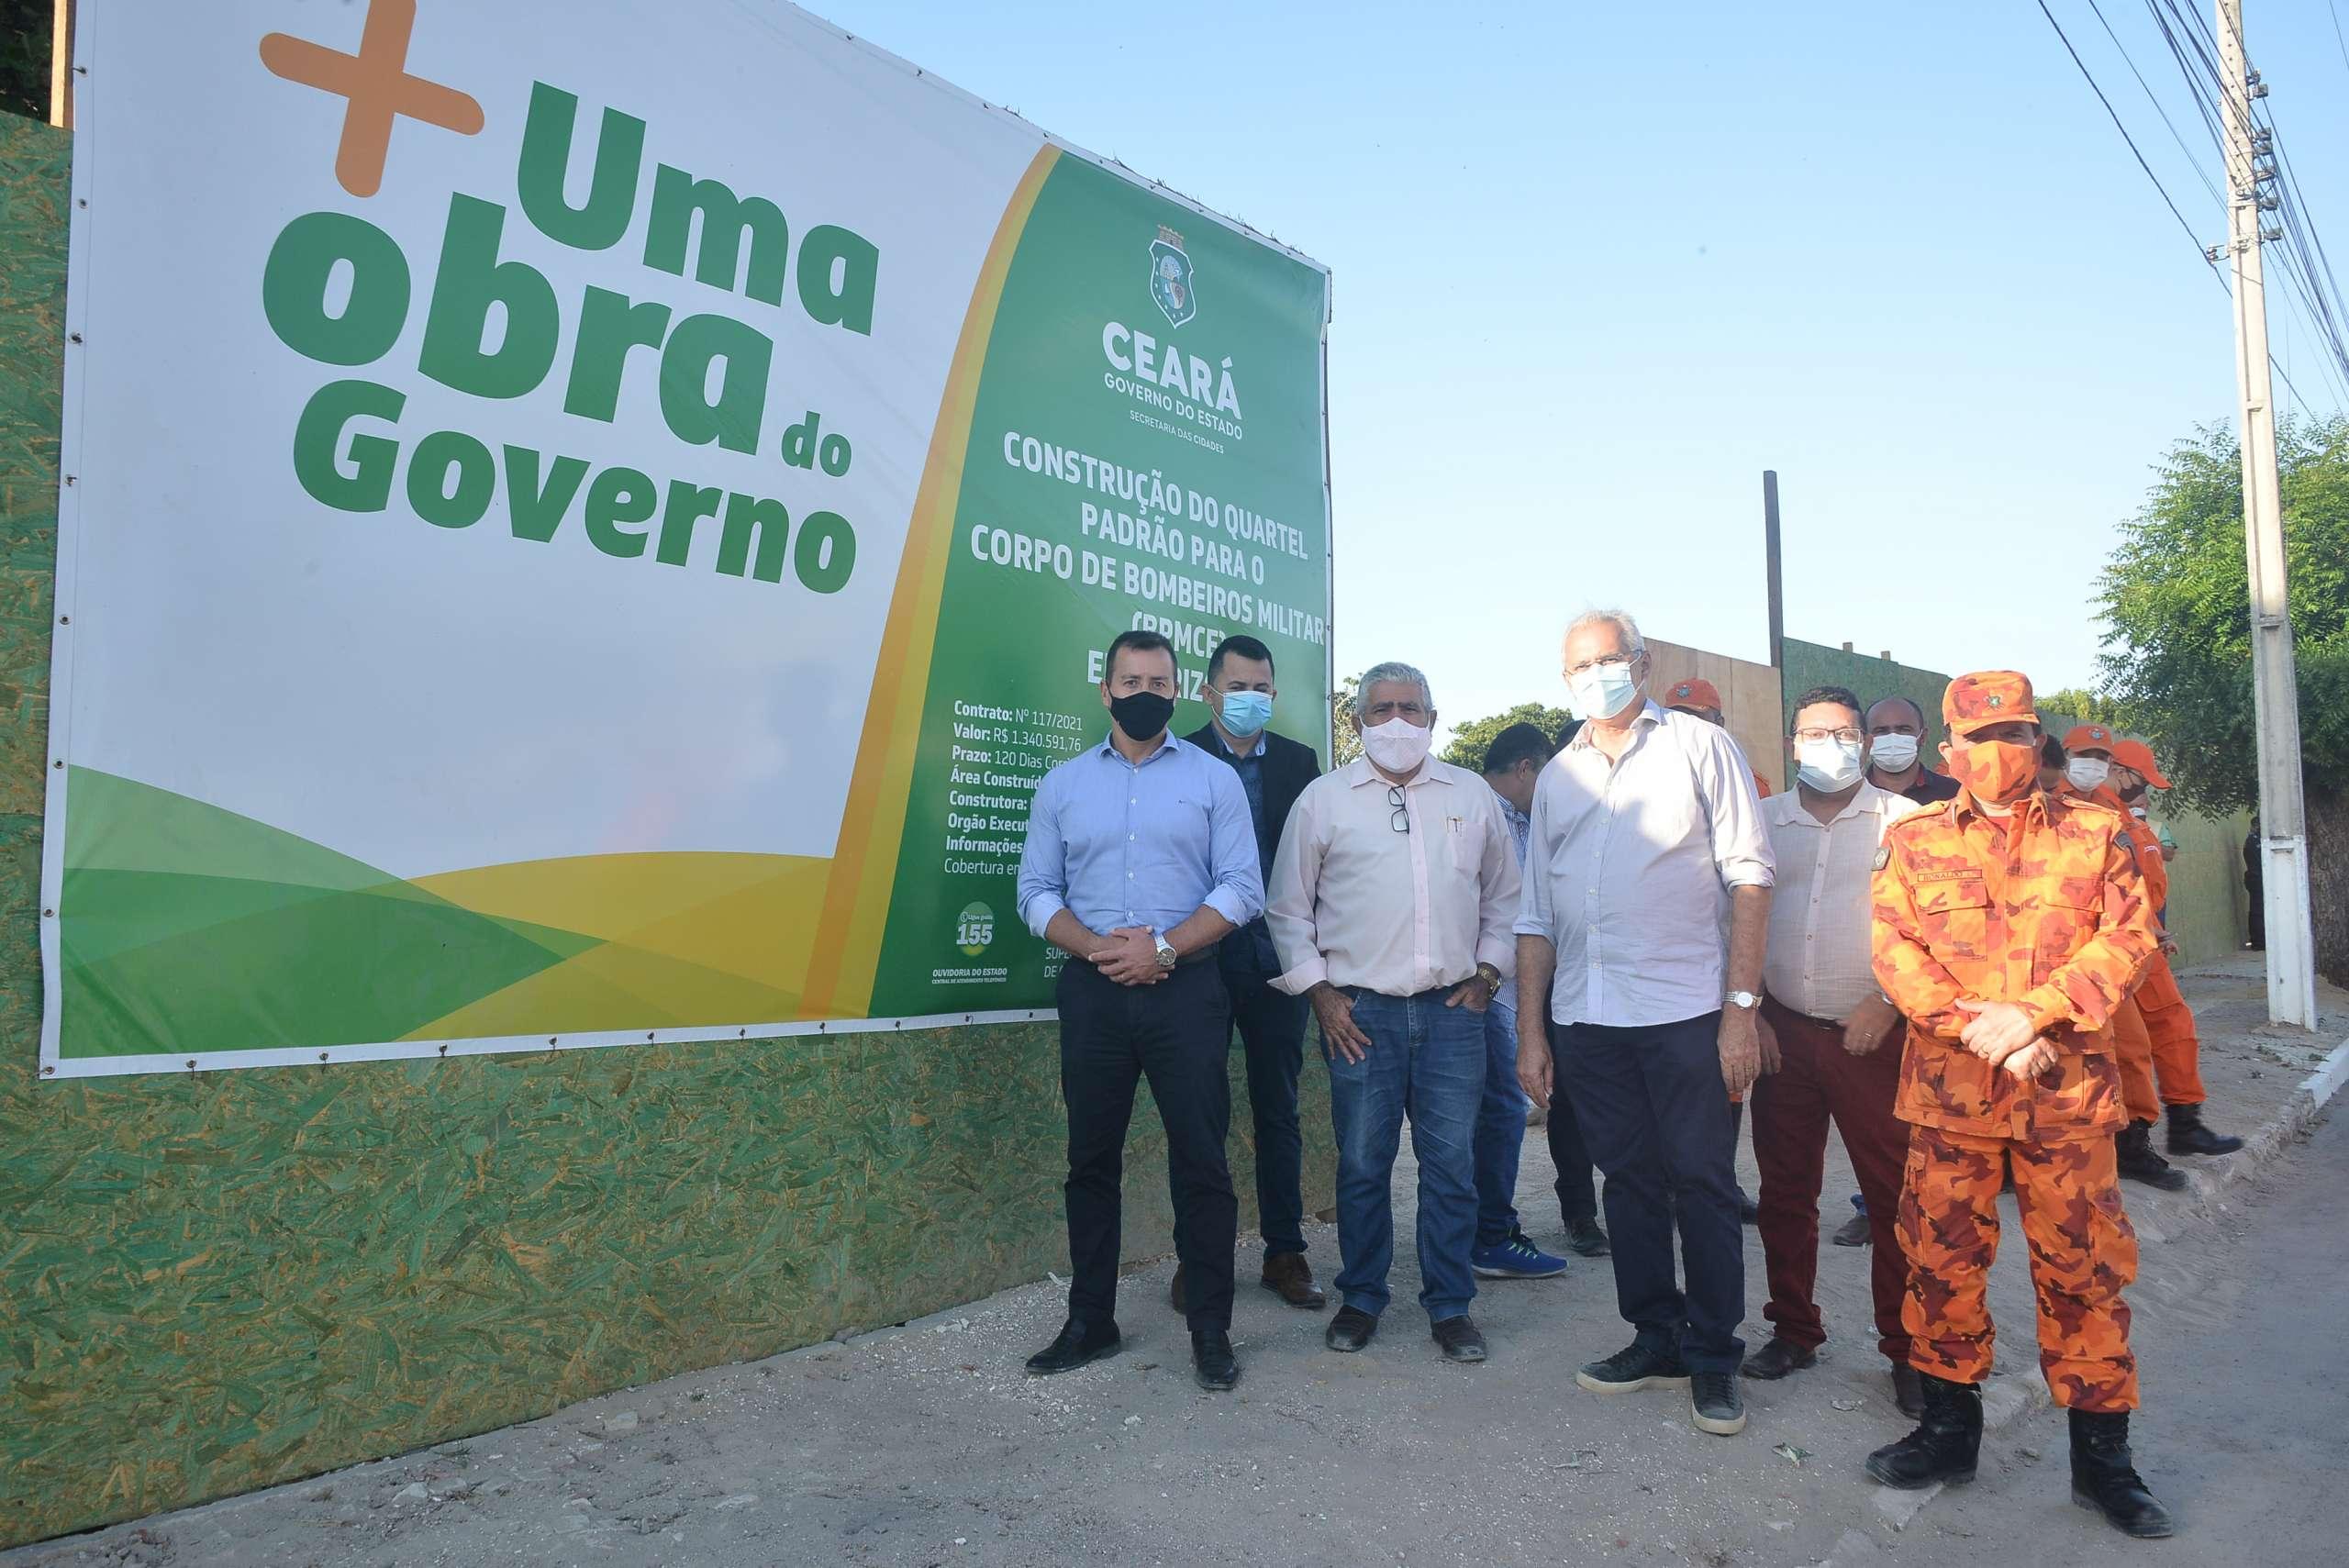 Governo do Estado assina ordem de serviço para construção de quartel padrão para o CBMCE em Horizonte